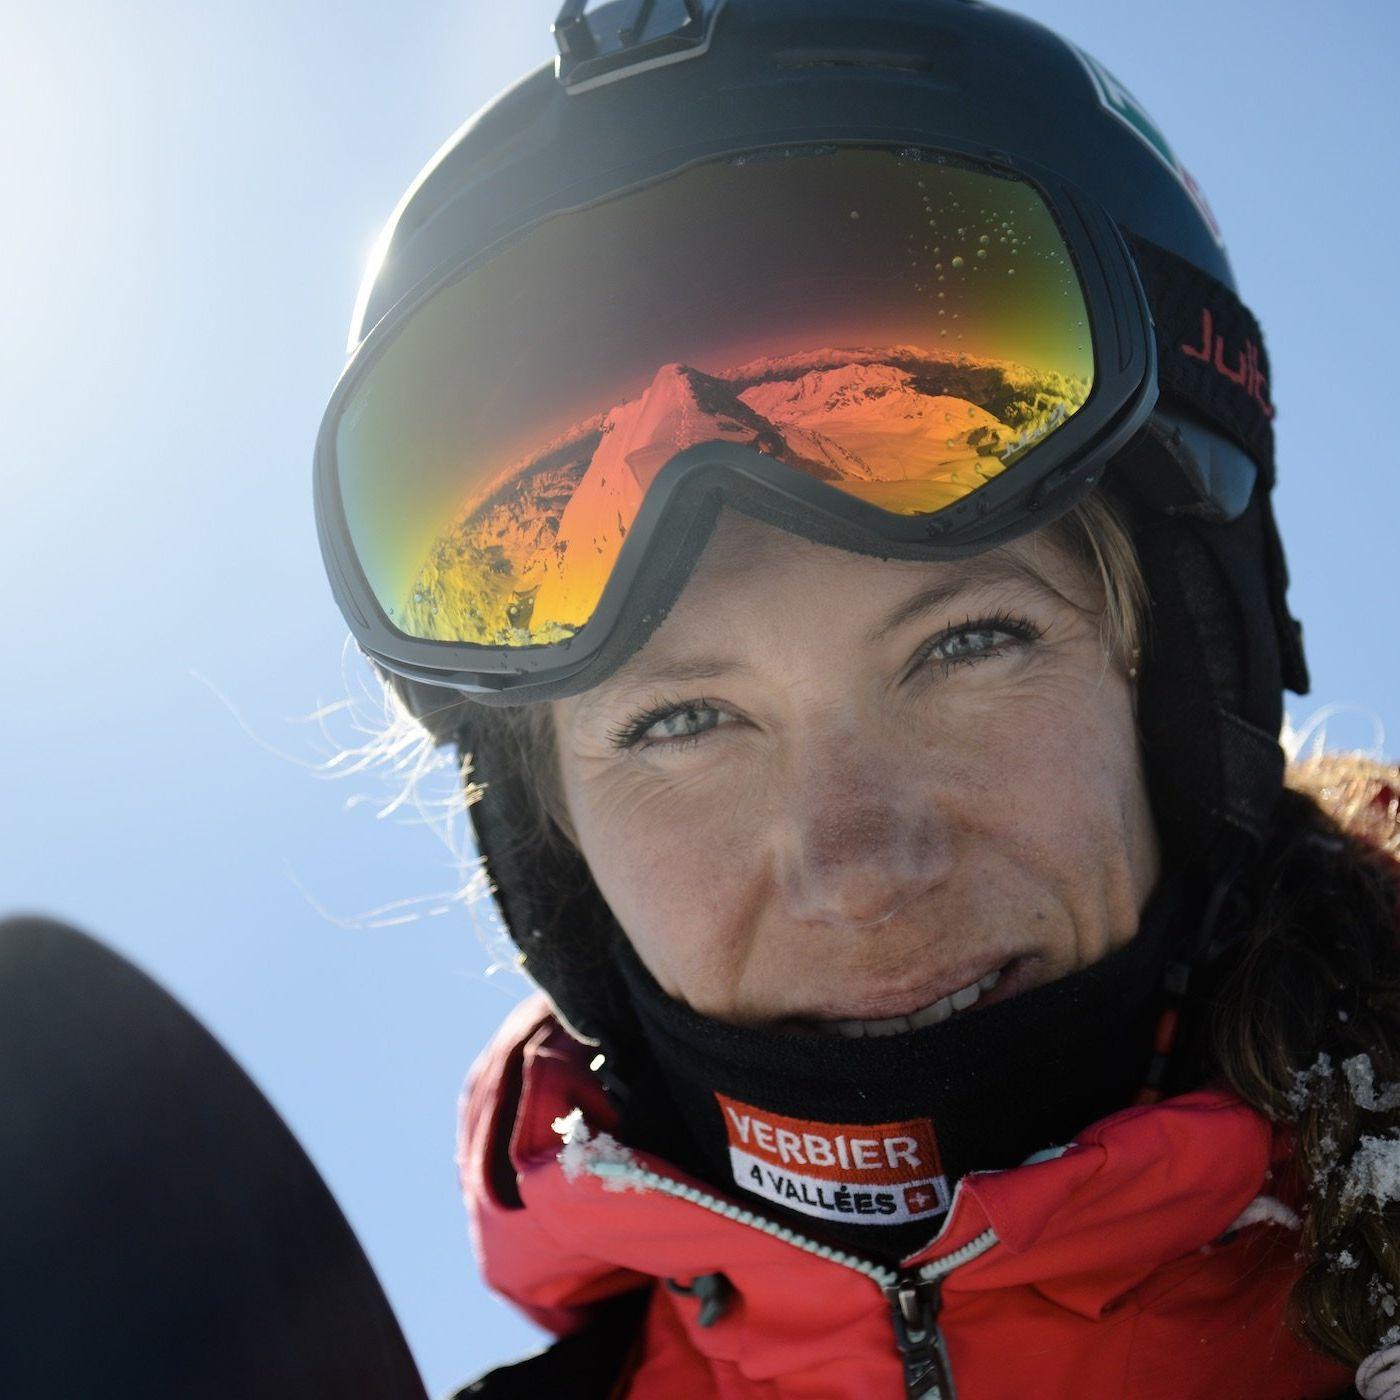 Geraldine Fasnacht